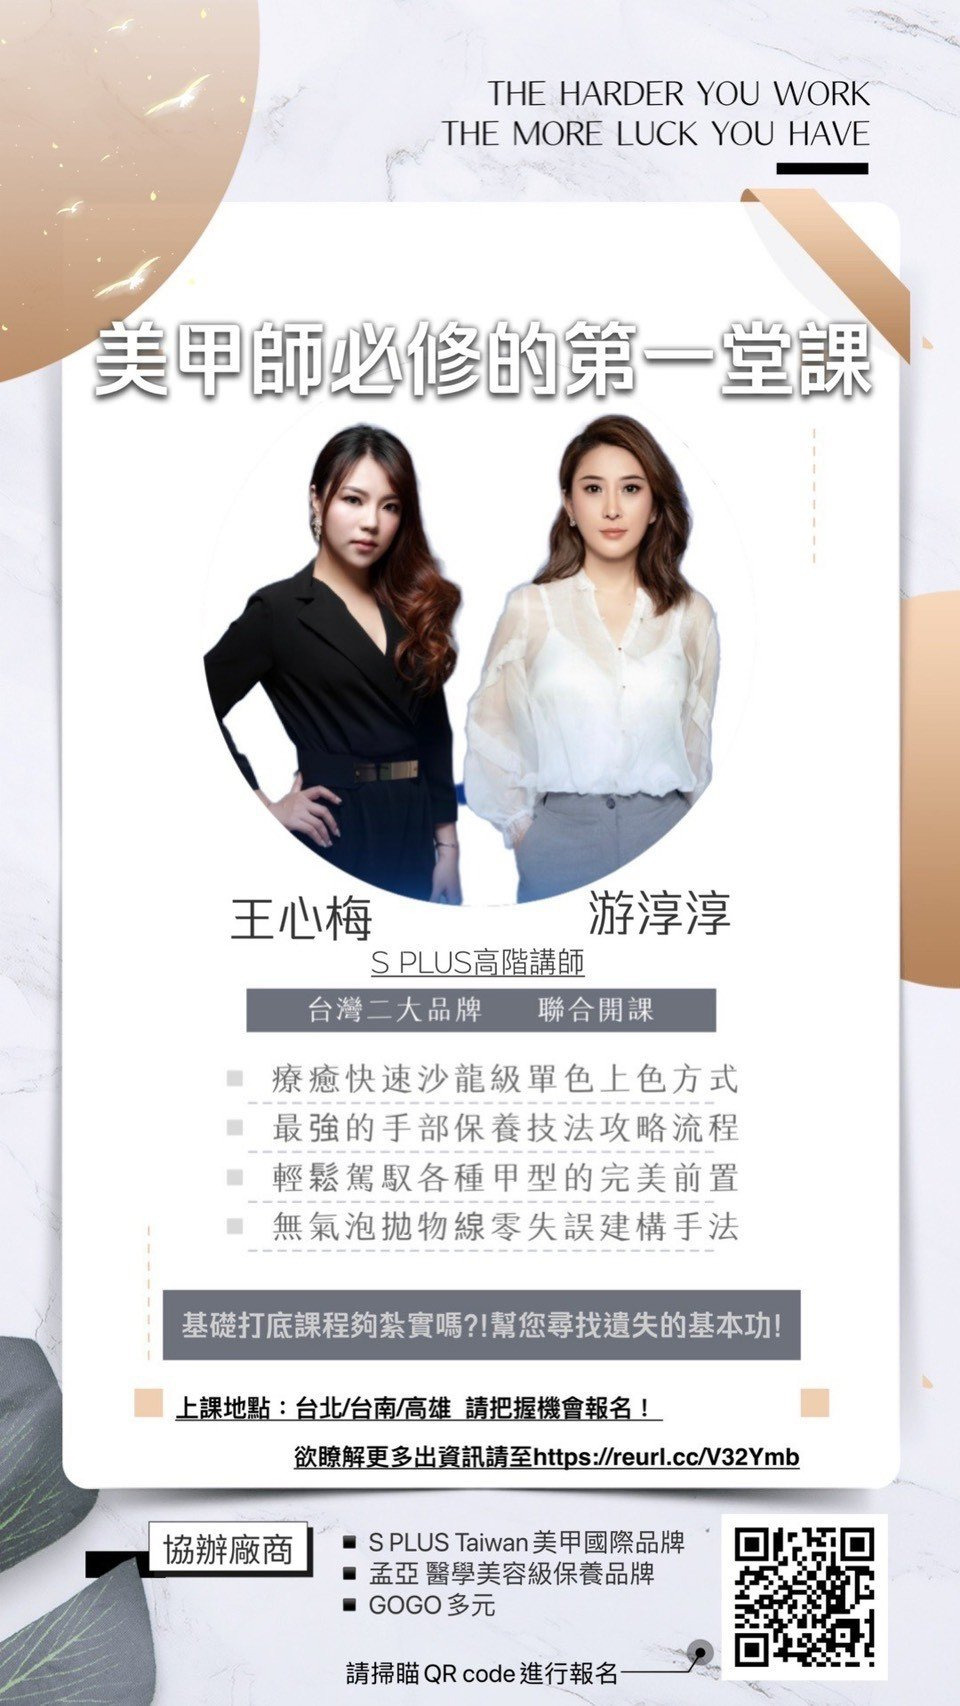 美甲師必修的第一堂課|台灣二大品牌(Splus/孟亞 ) 美甲課程|精緻要從最基礎的保養開始